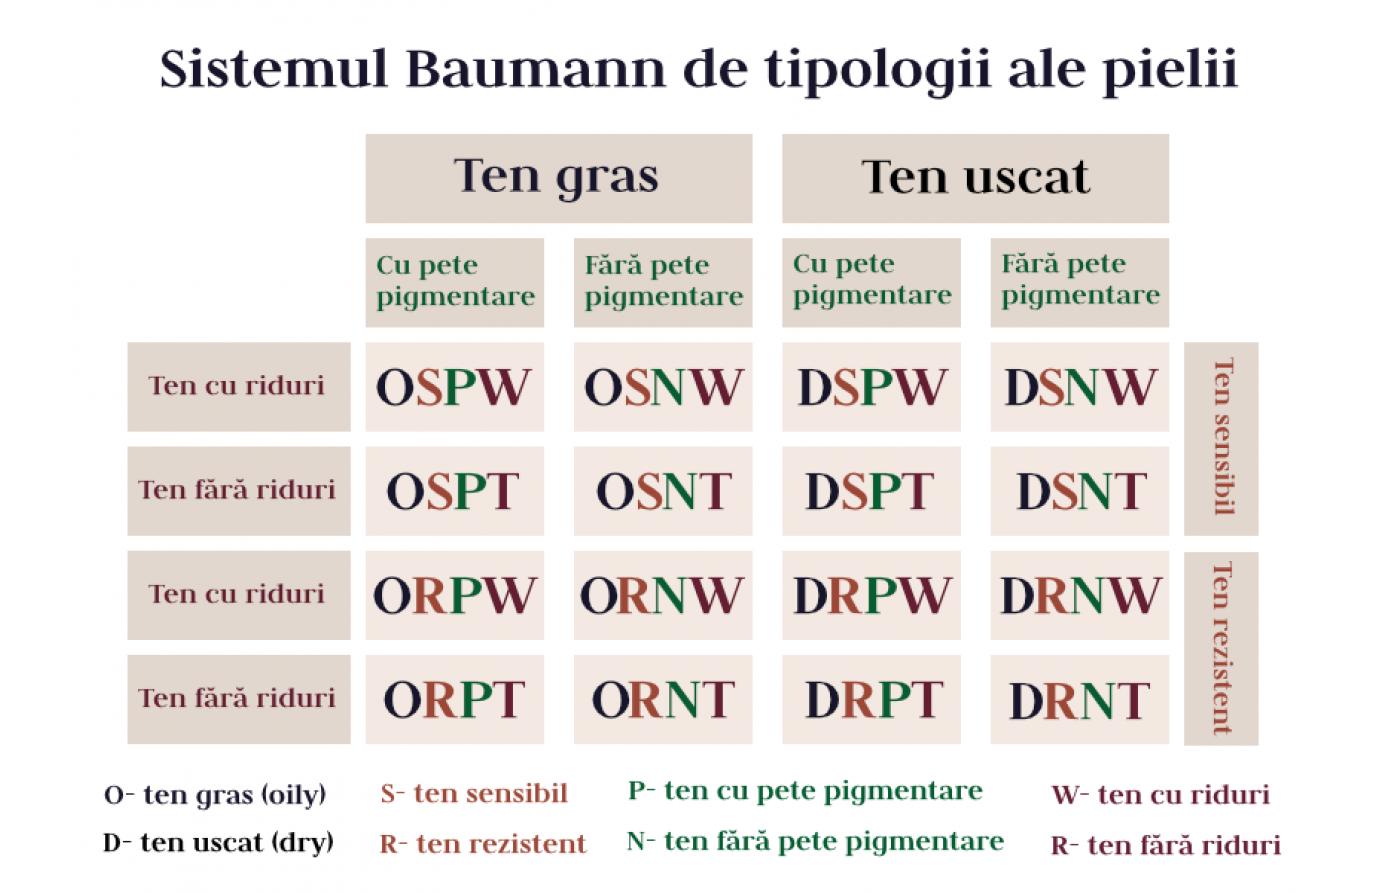 Cunoaște-ți tipul de piele prin sistemul Baumann